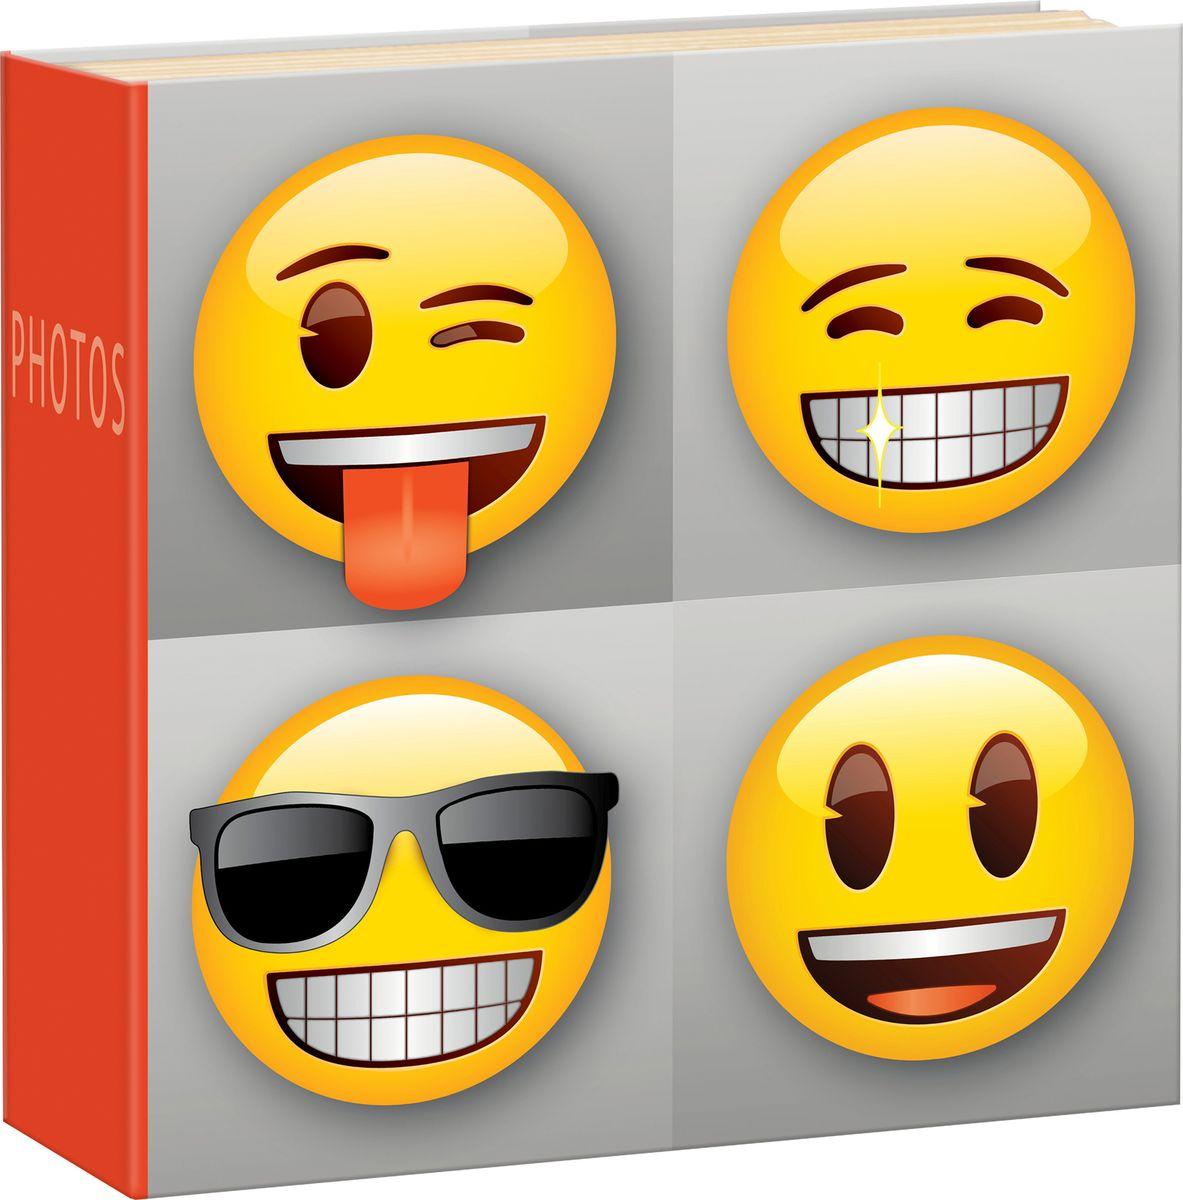 Фотоальбом Innova Emoji Slip, цвет: серый, 200 фотографий, 10 x 15 смQ4108012Фотоальбом Innova имеет обложку из плотного картона.Альбом рассчитан на 200 фотографий форматом 10 х 15 см. Страницы изготовлены из бумаги и скреплены книжным переплетом. Дизайн фотоальбома посвящен любимым смайликам Emoji.Фотоальбом является универсальным подарком к любому празднику. Родным, близким и просто знакомым будет приятно помещать фотографии в этот альбом.